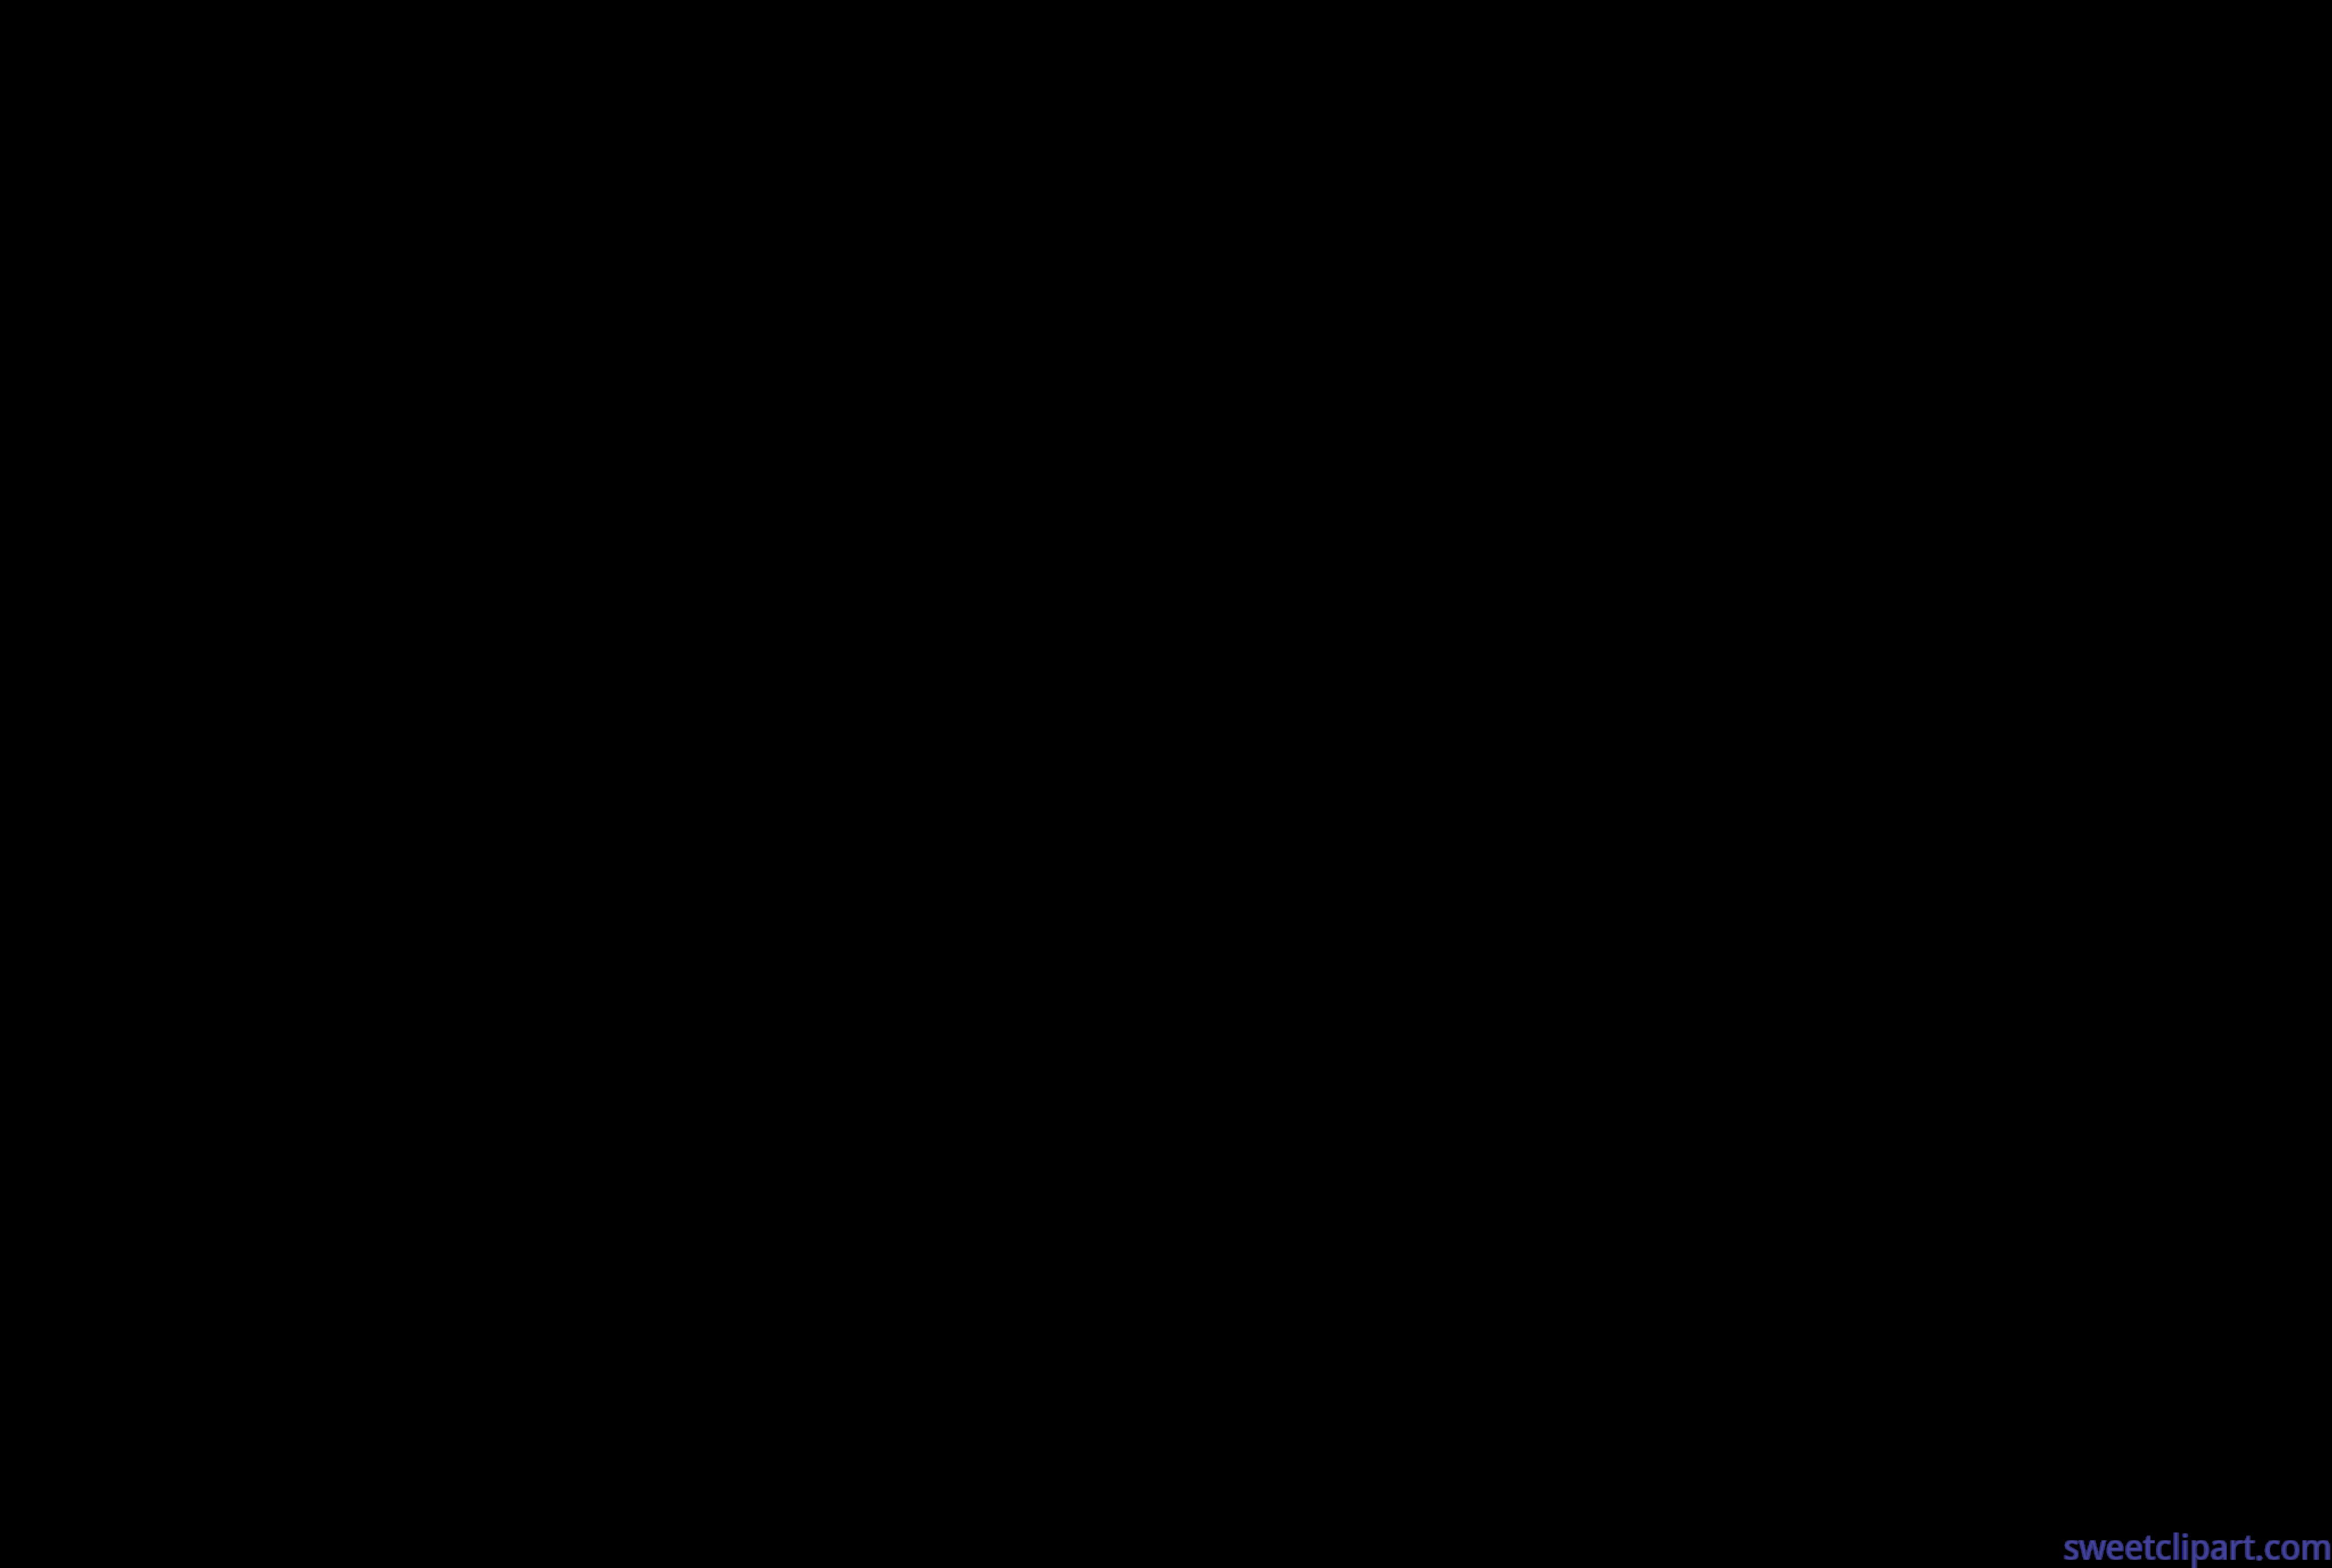 5381x3618 Butterfly Black Silhouette Clip Art